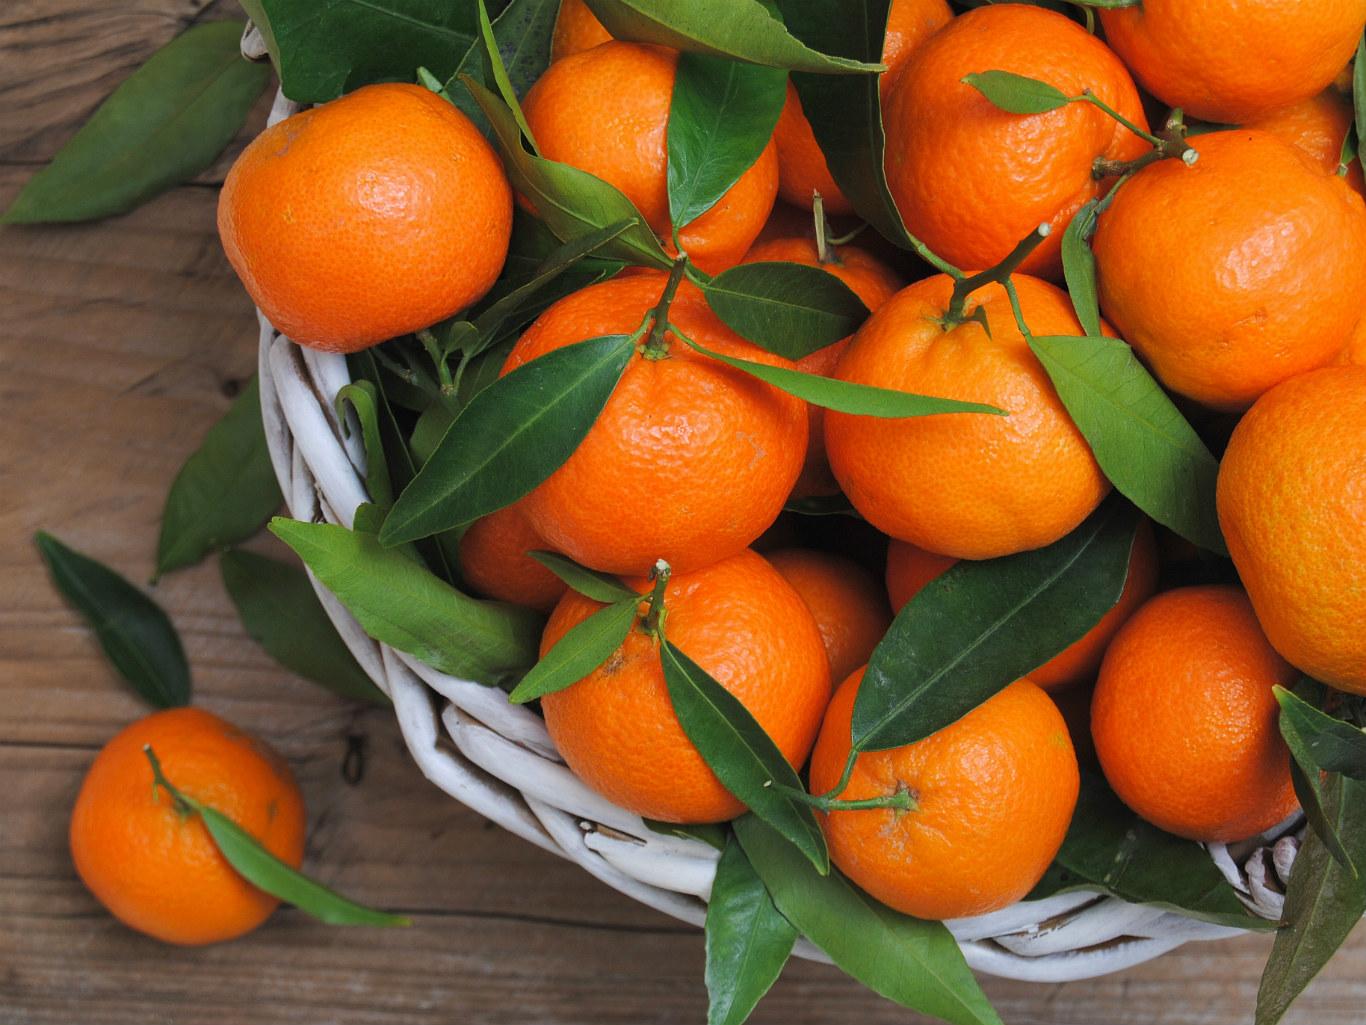 Новый год без мандаринов: в России резко сократились продажи новогодних товаров